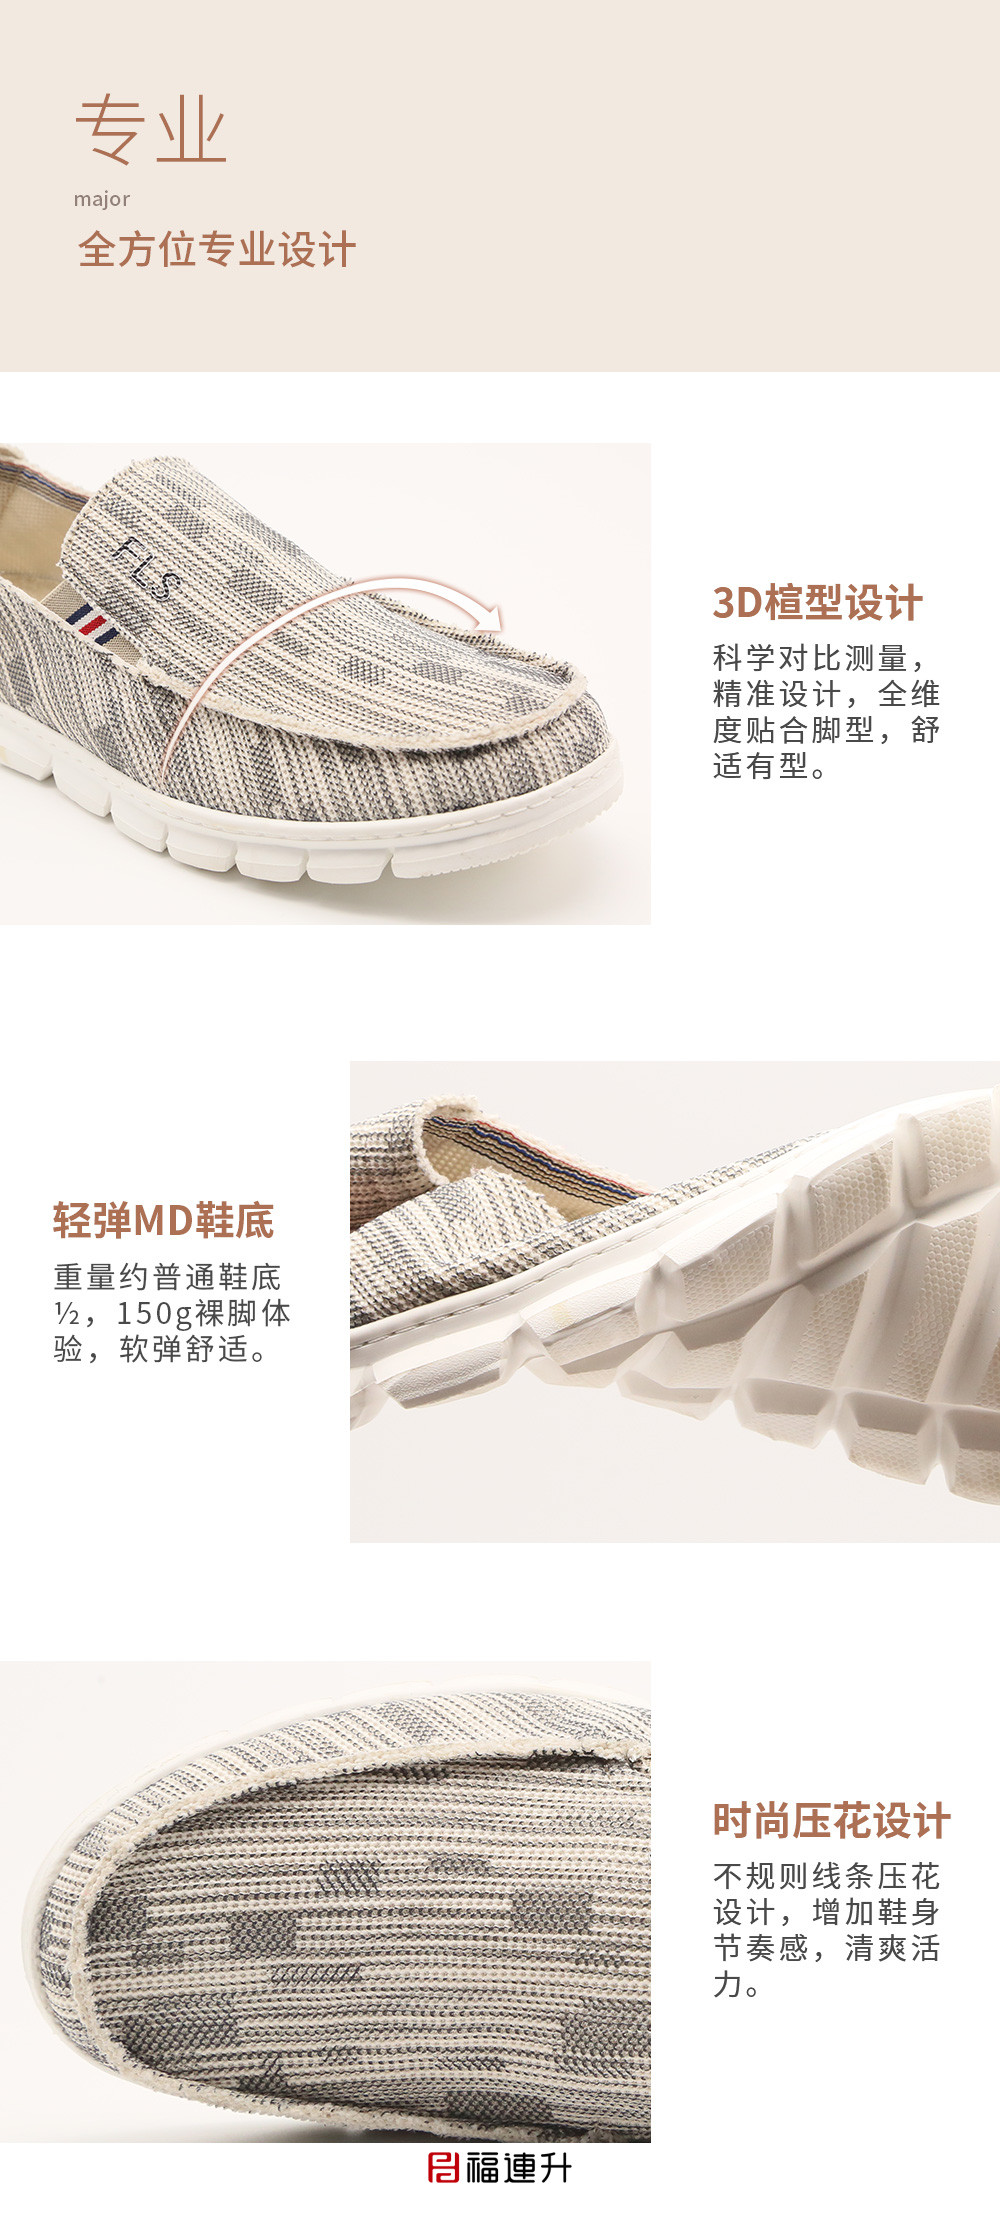 福连升老北京布鞋中年男鞋 春夏透气舒适休闲鞋图片